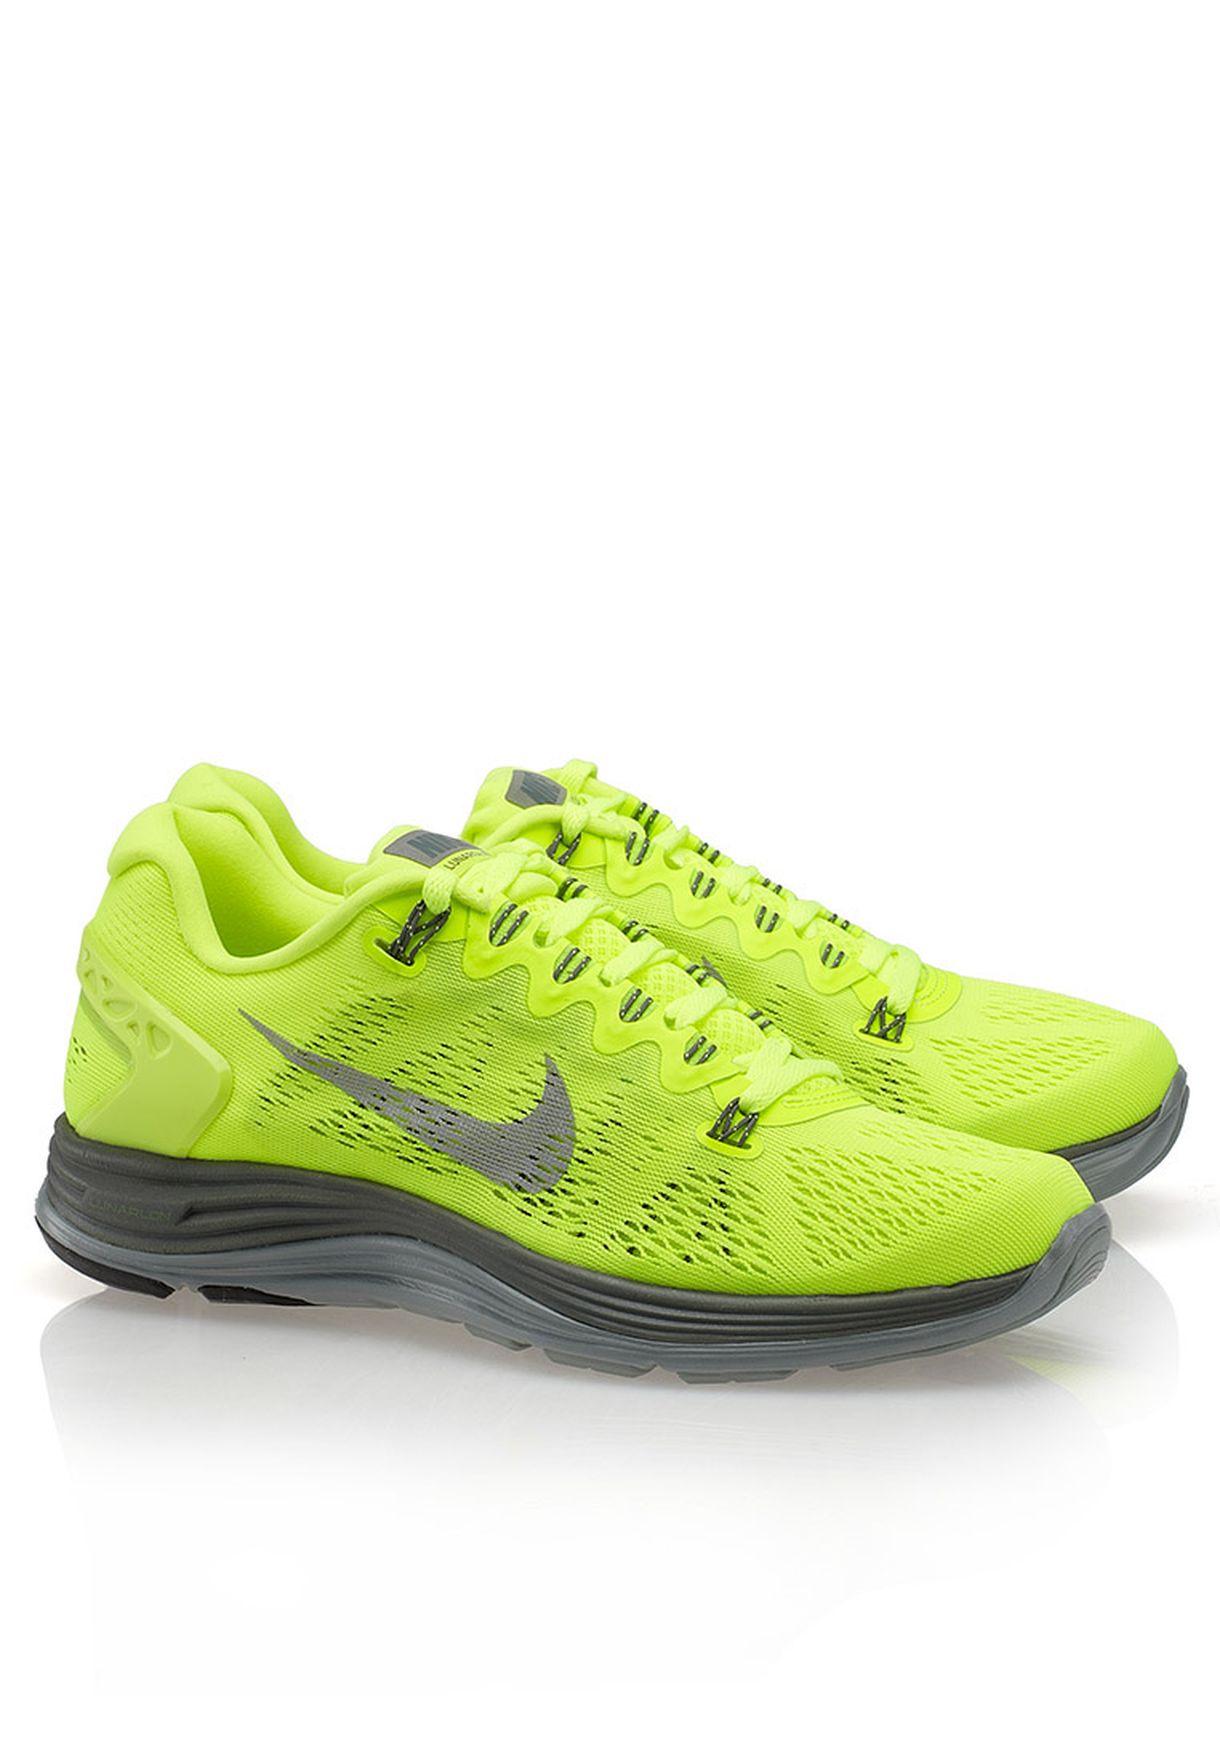 50d31dc44e95 Shop Nike yellow Lunarglide+5 599395-703 for Women in Kuwait ...